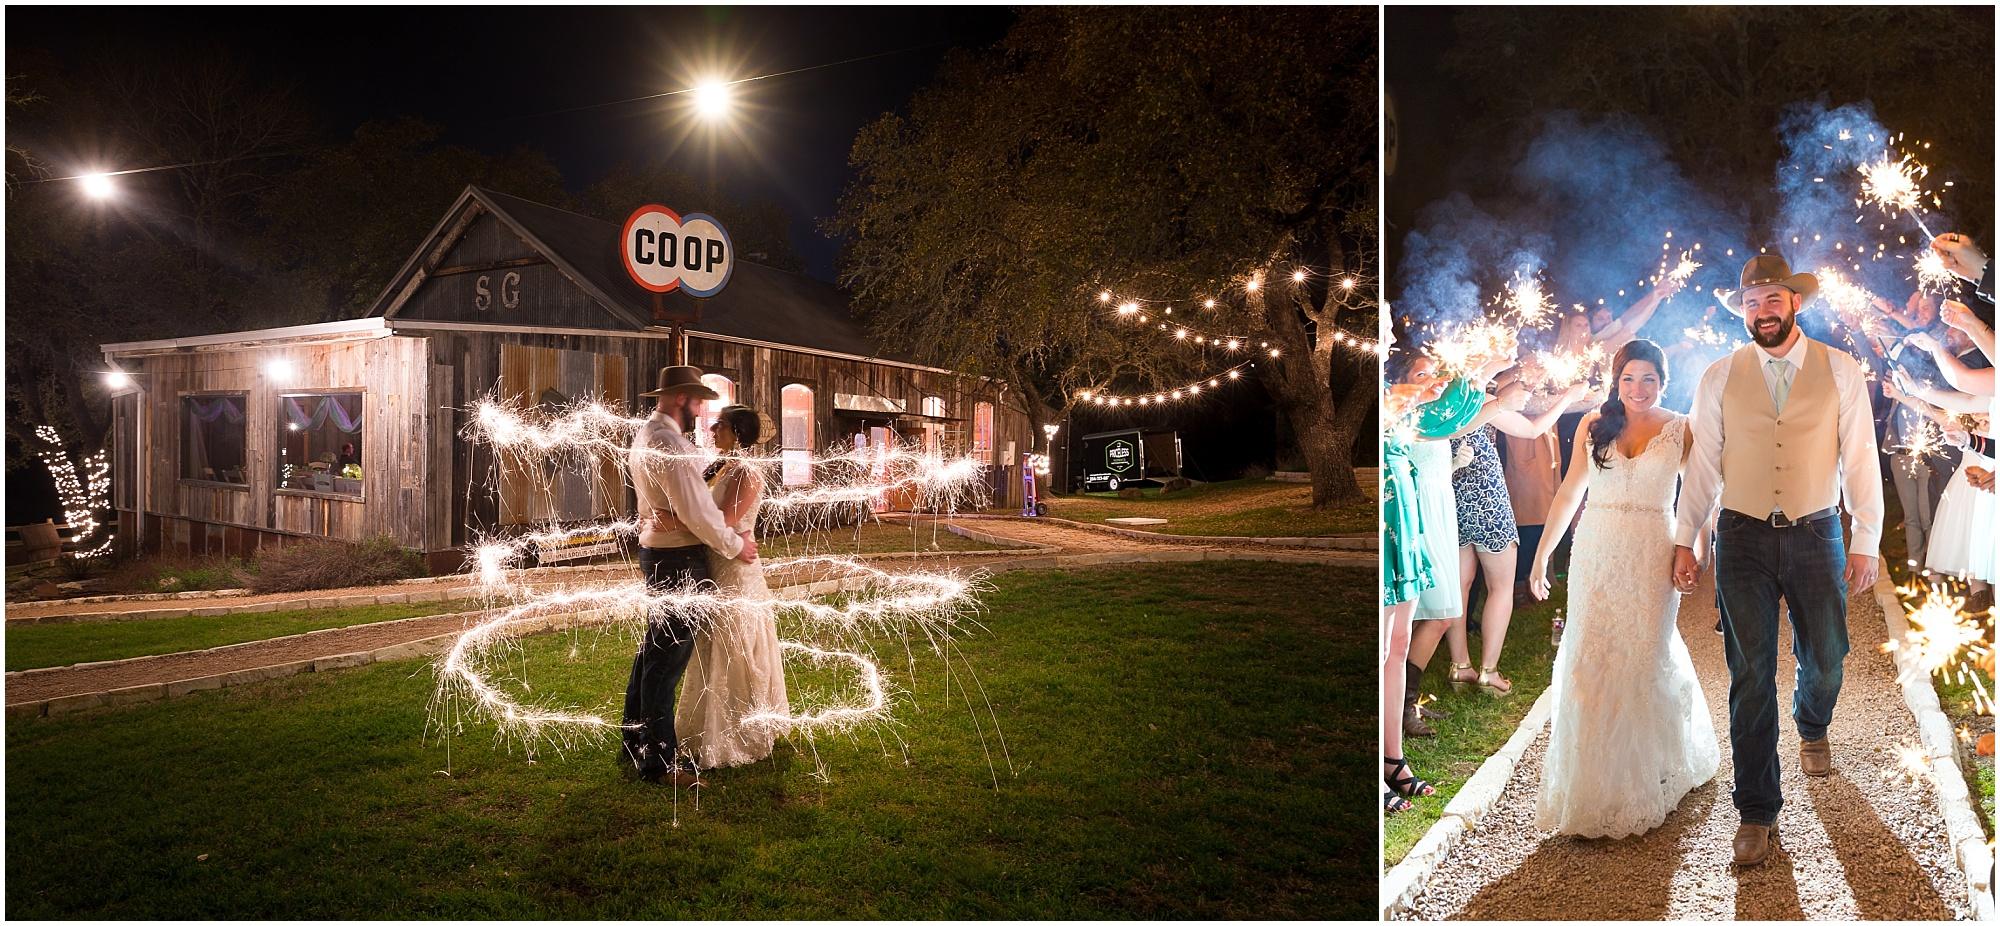 Bride and groom hold one another surrounded by sparklers - Jason & Melaina Photography - www.jasonandmelaina.com